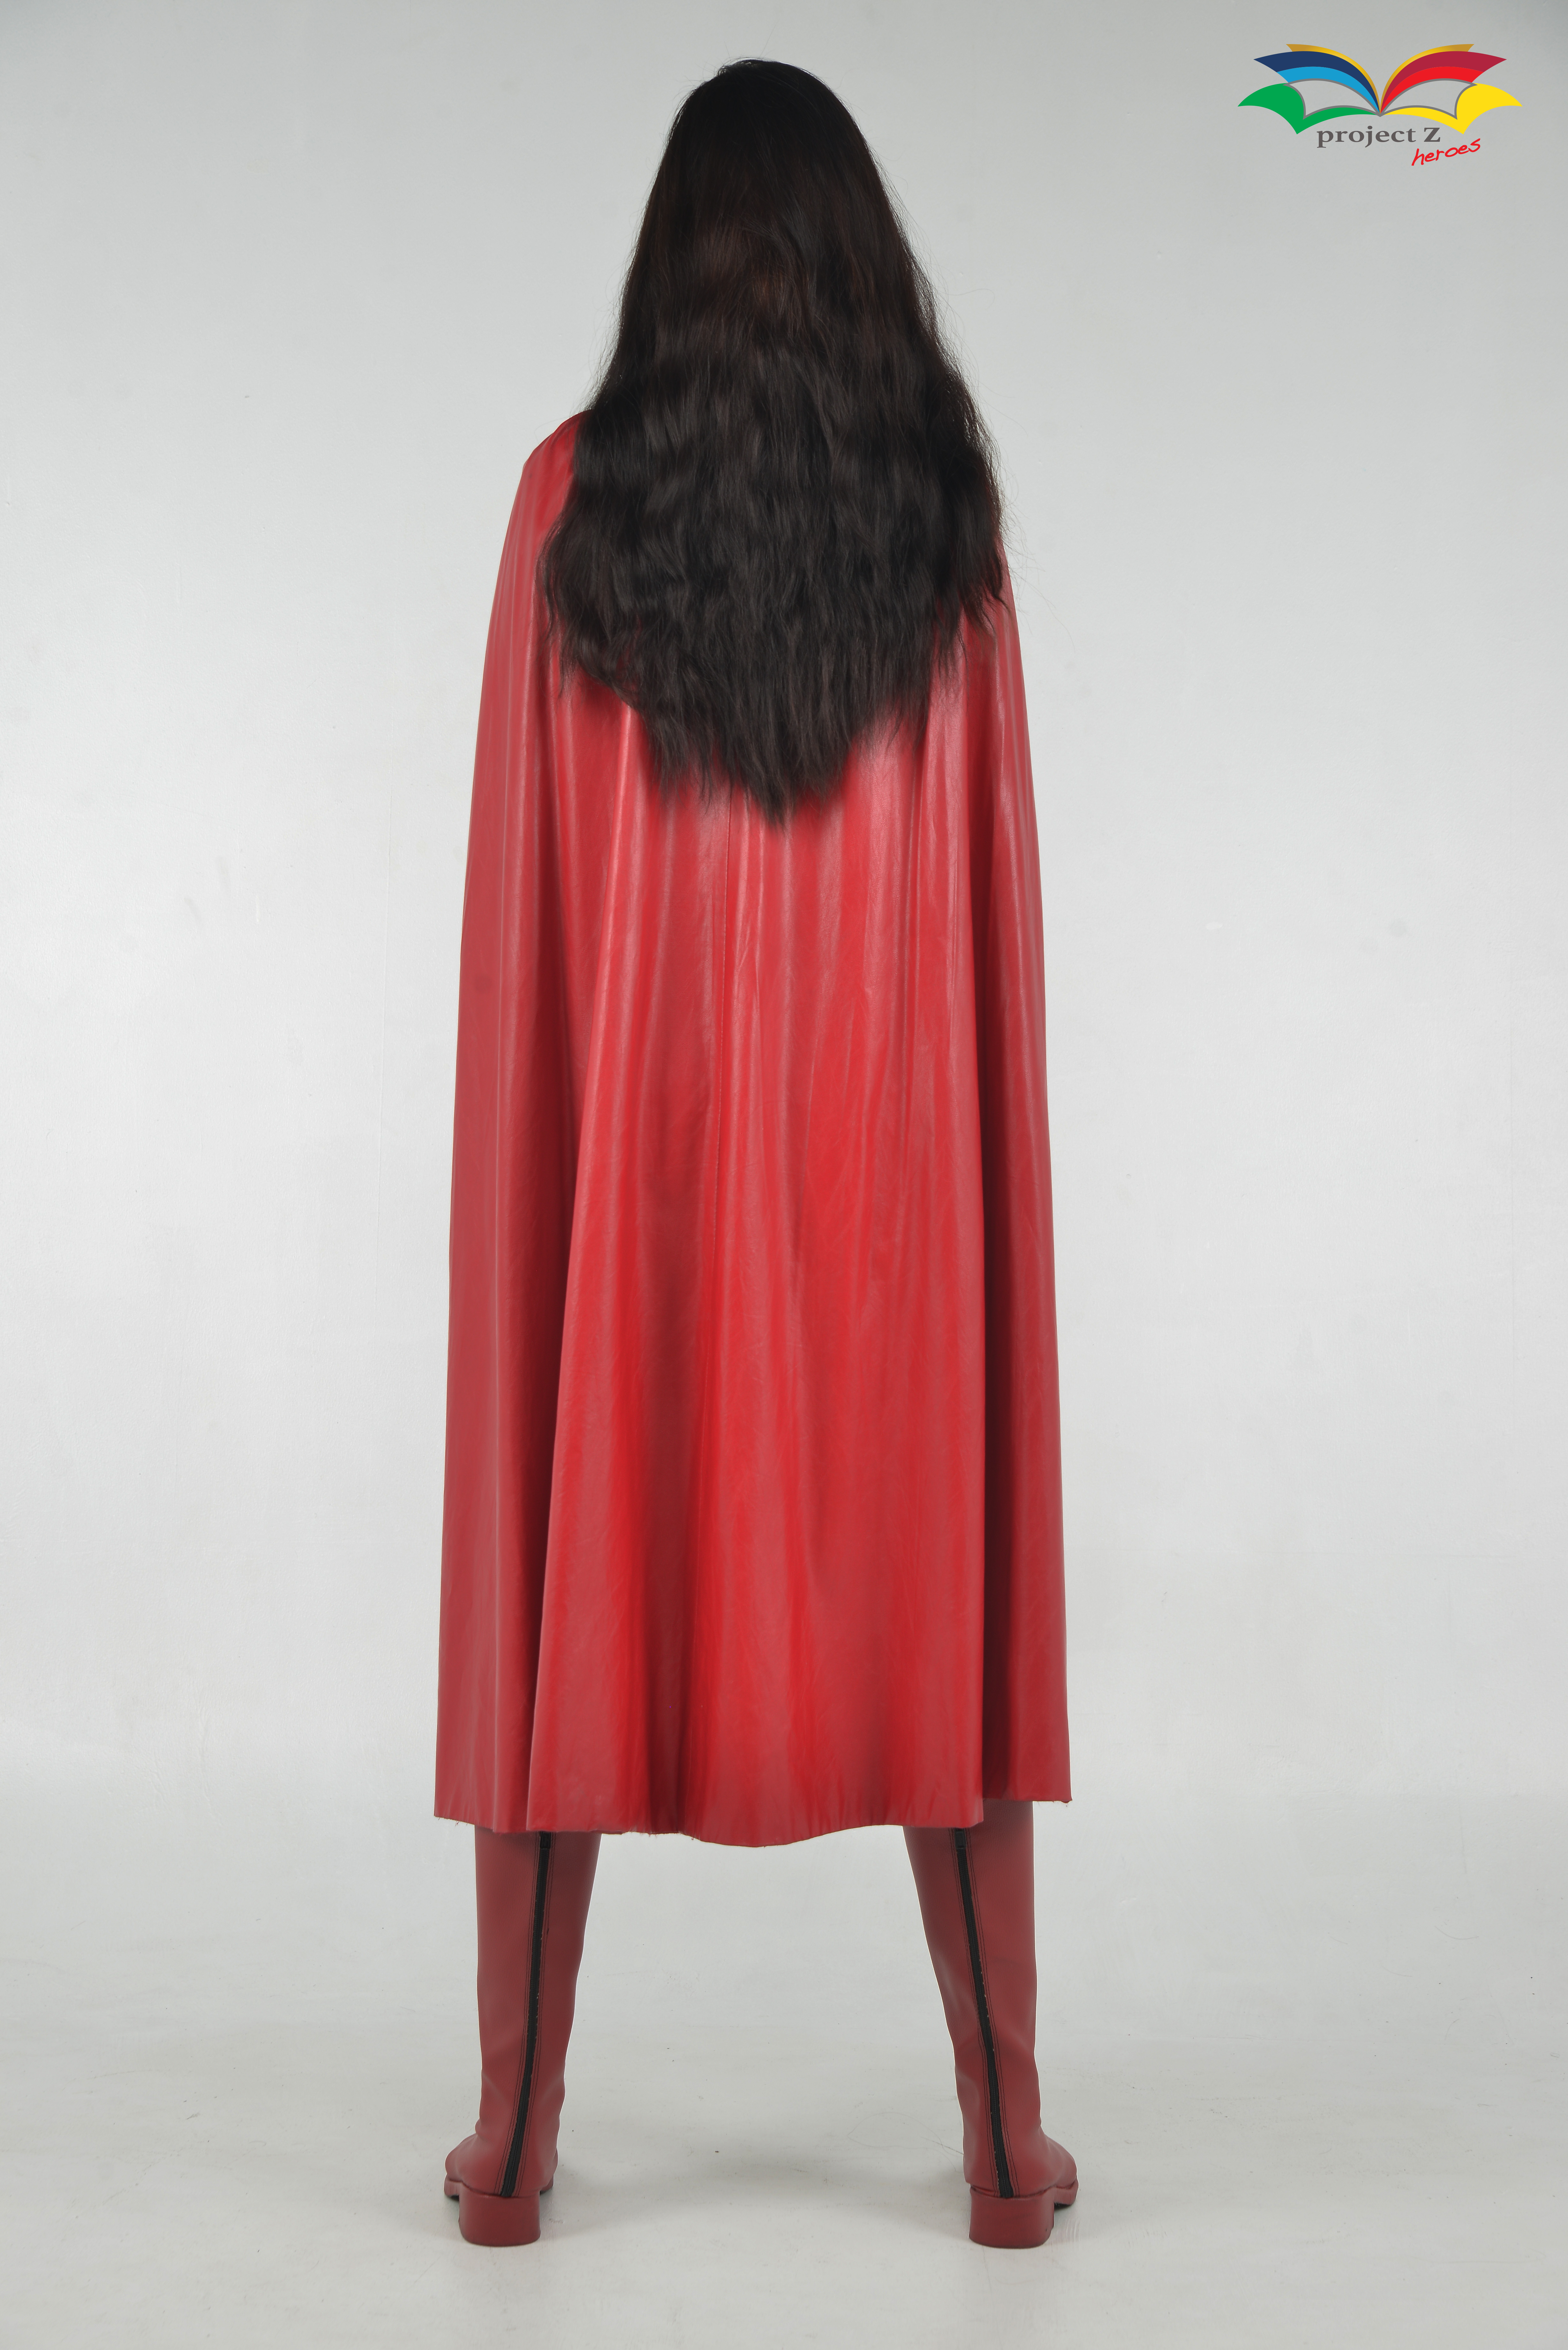 ชุดซุปเปอร์ฮีโร่ ซุปเปอร์เกิร์ล superher